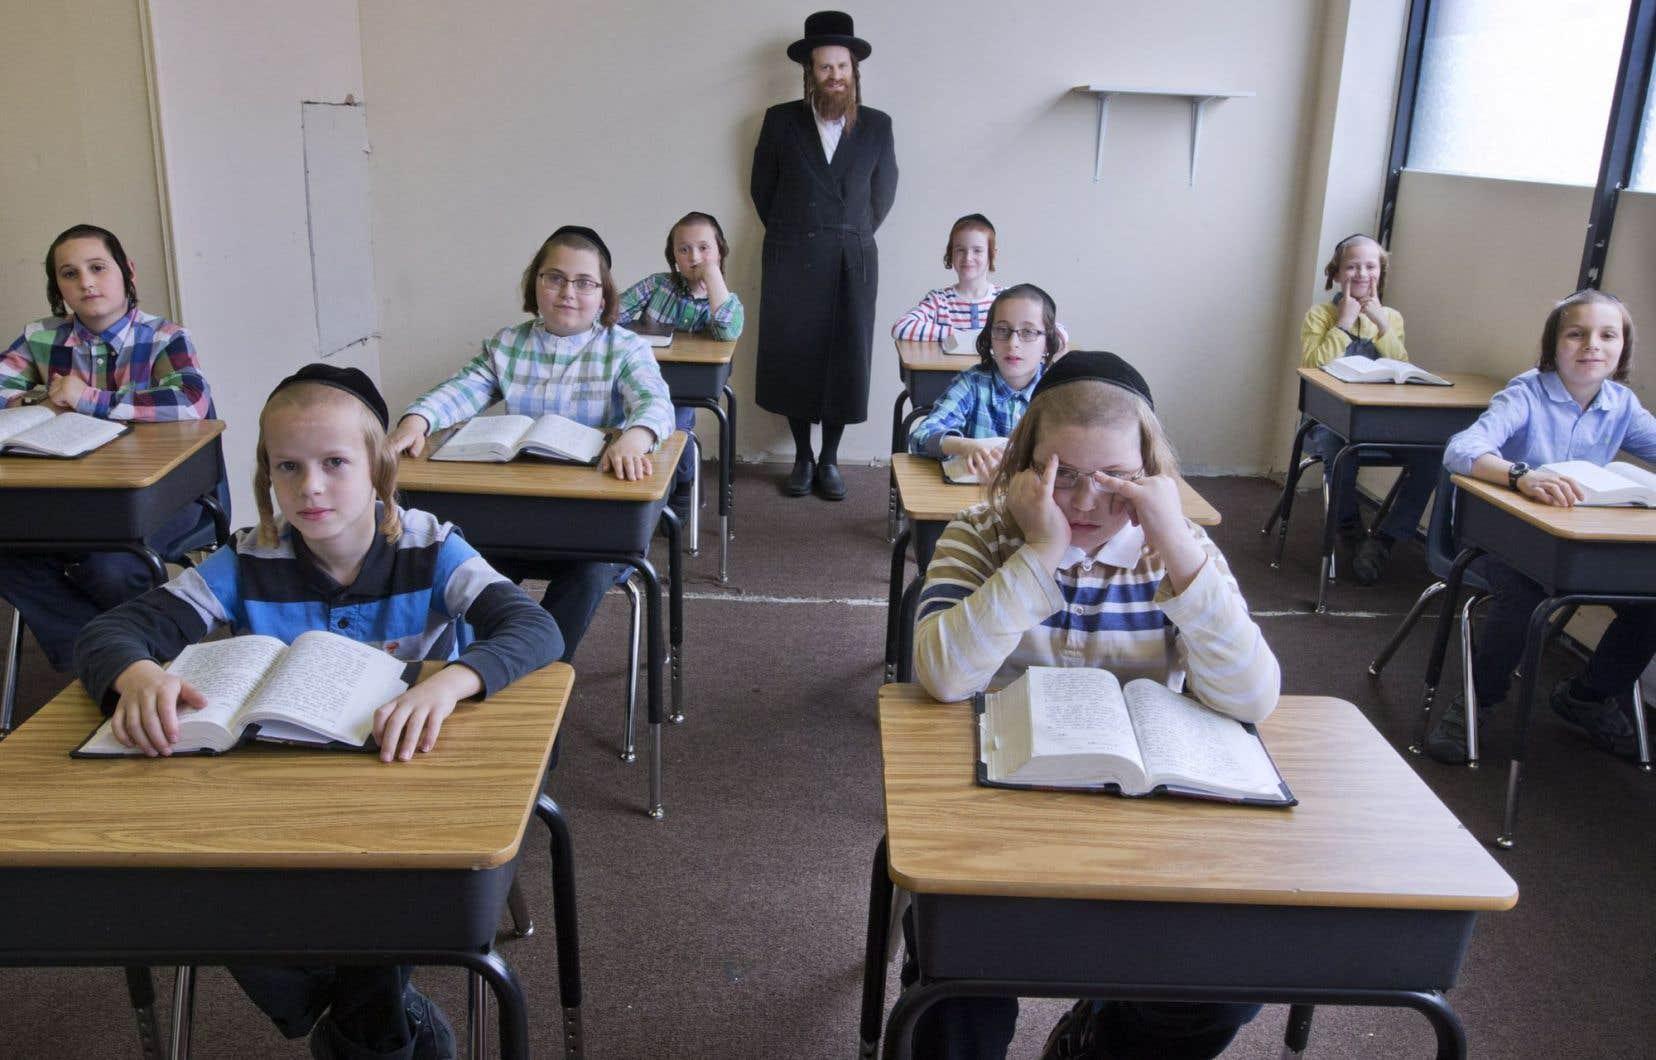 Le DPJ est intervenu à nouveau dans l'école religieuse clandestine de la communauté montréalaise des Vitznitz,mercredi. L'opération n'a duré qu'une petite heure.